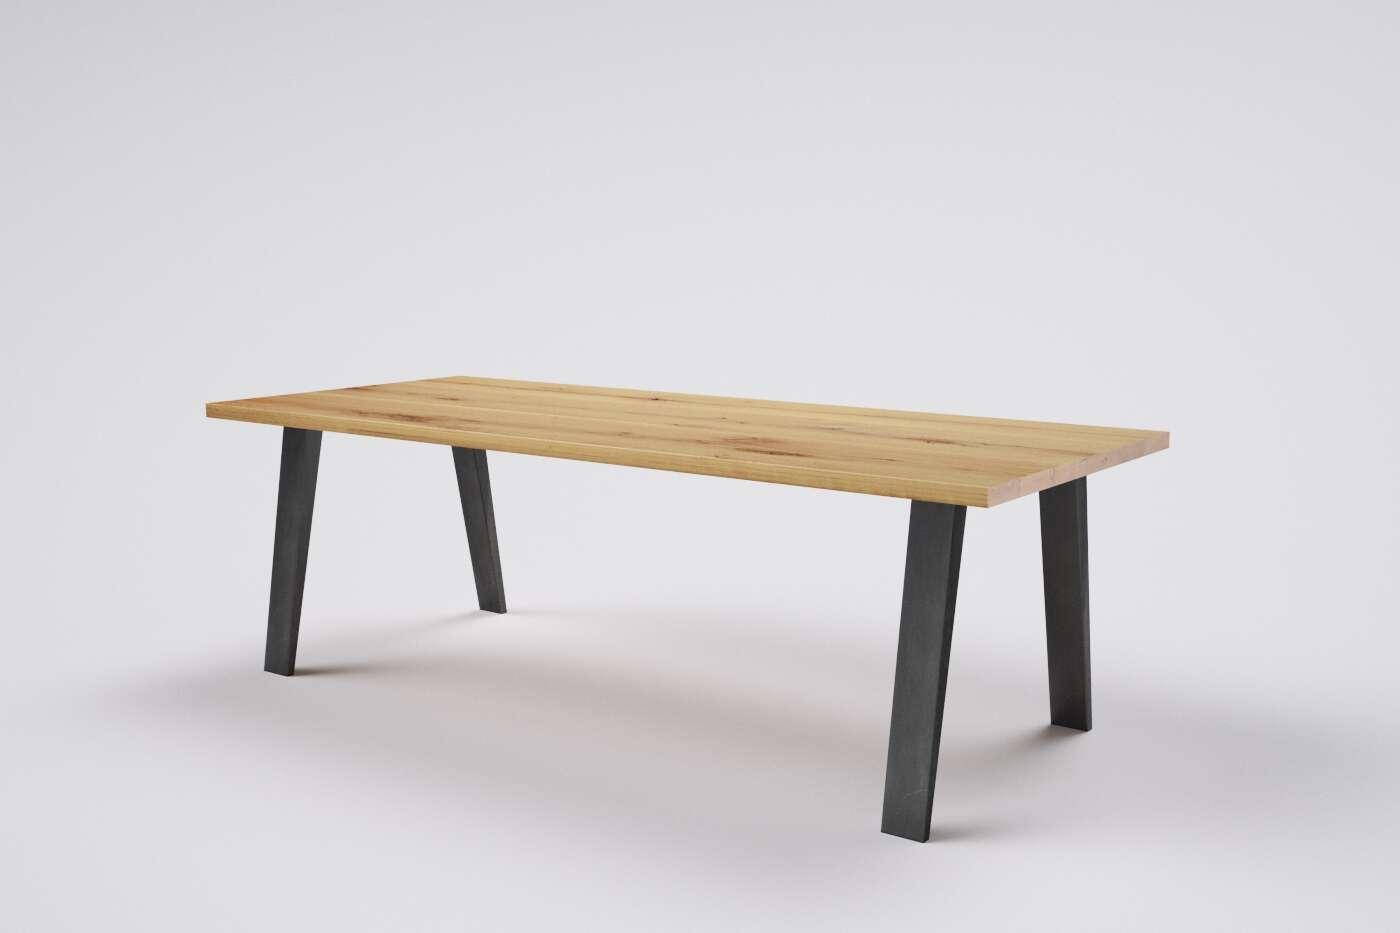 holztisch massiv eiche nach mass wohnsektion. Black Bedroom Furniture Sets. Home Design Ideas